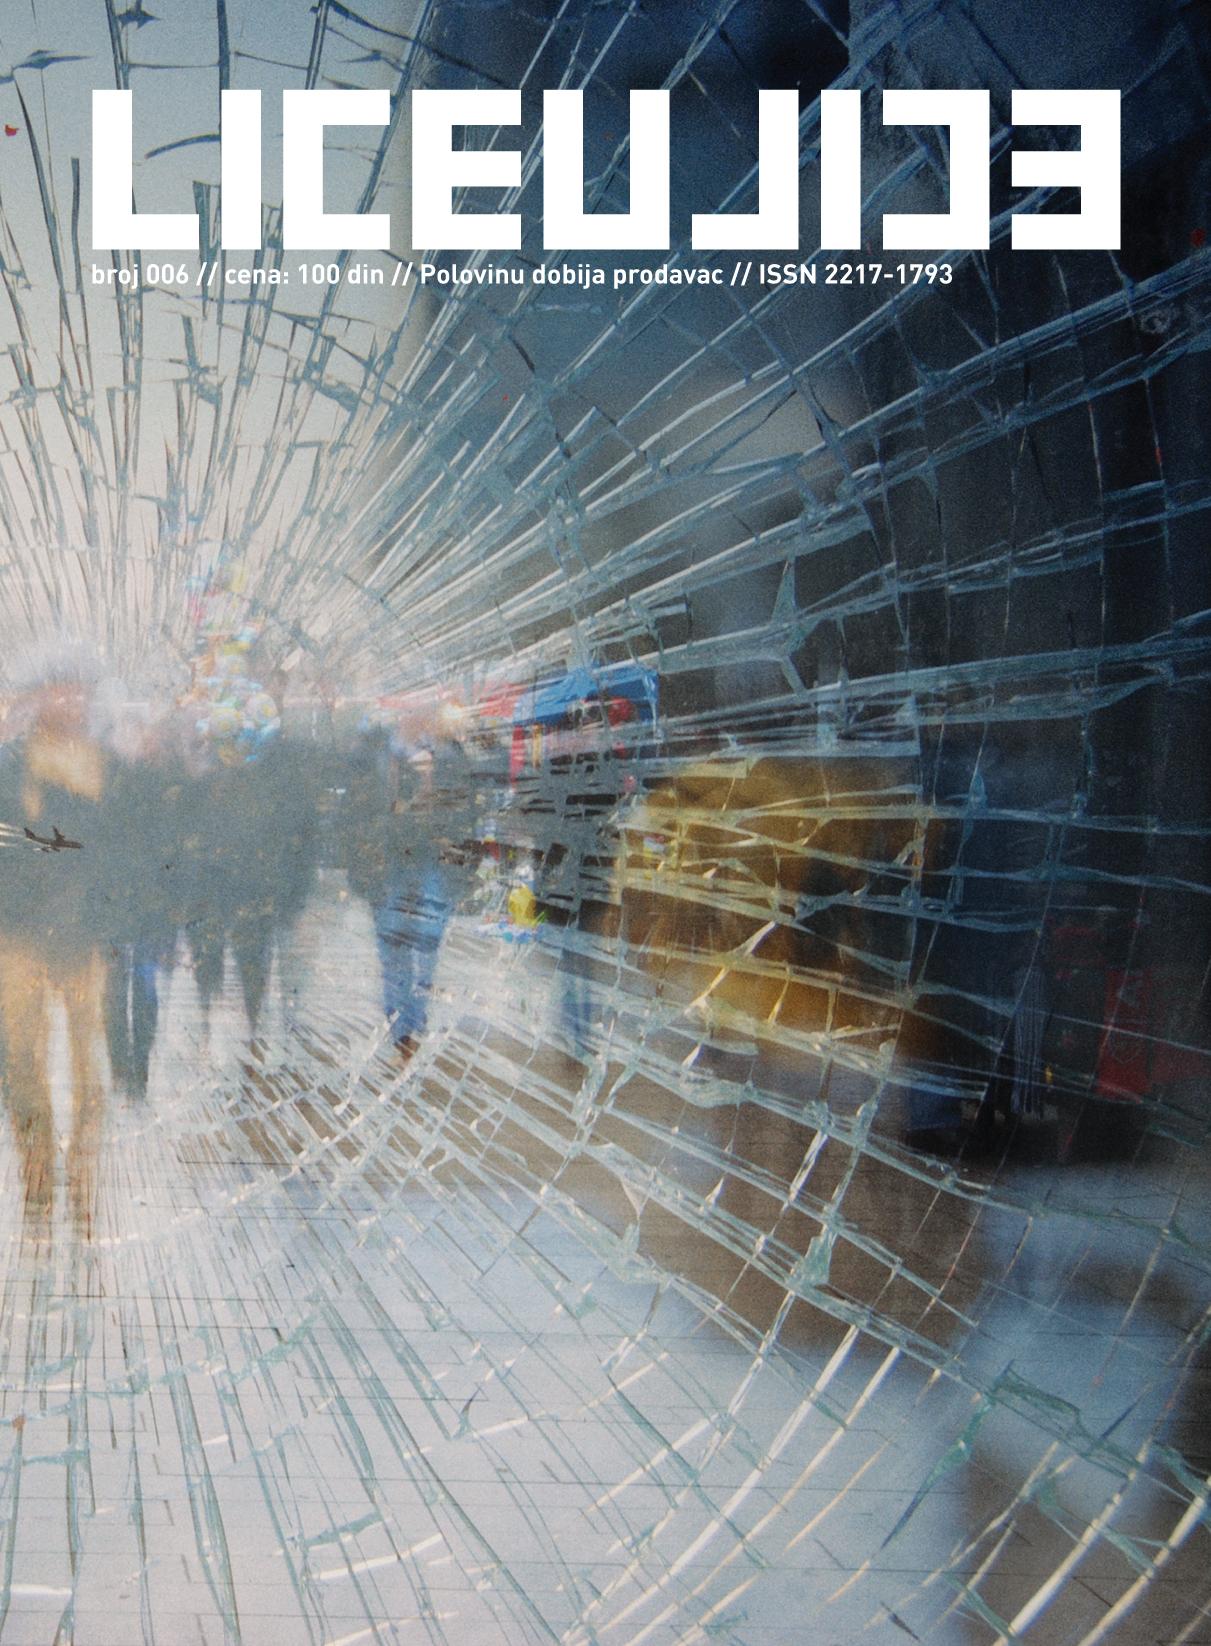 Izložba Liceulice 5×6 – Trideseti broj i pet godina magazina koji pomera i briše margine